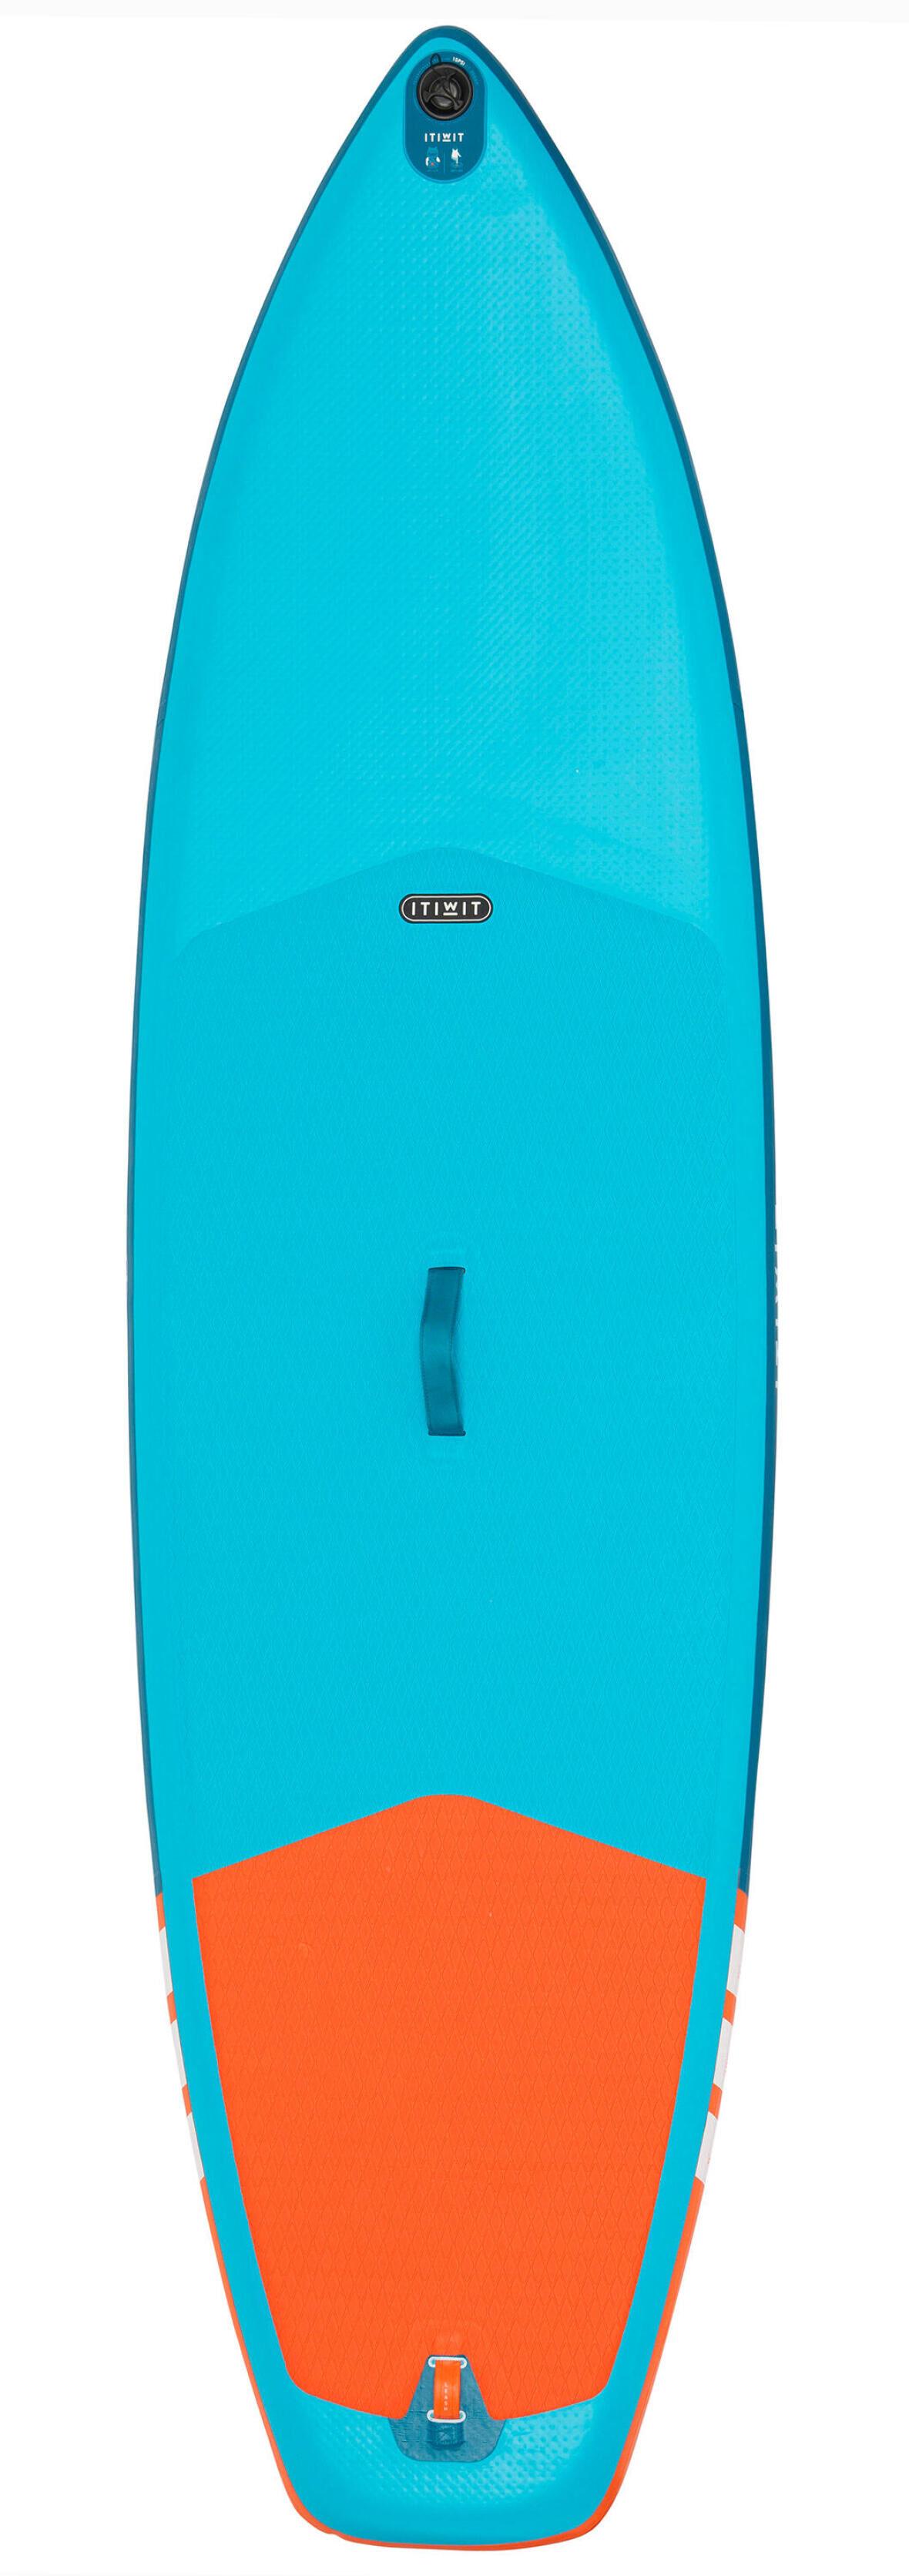 itiwit-sup-aufblasbar-x100-9-blau-decathlon